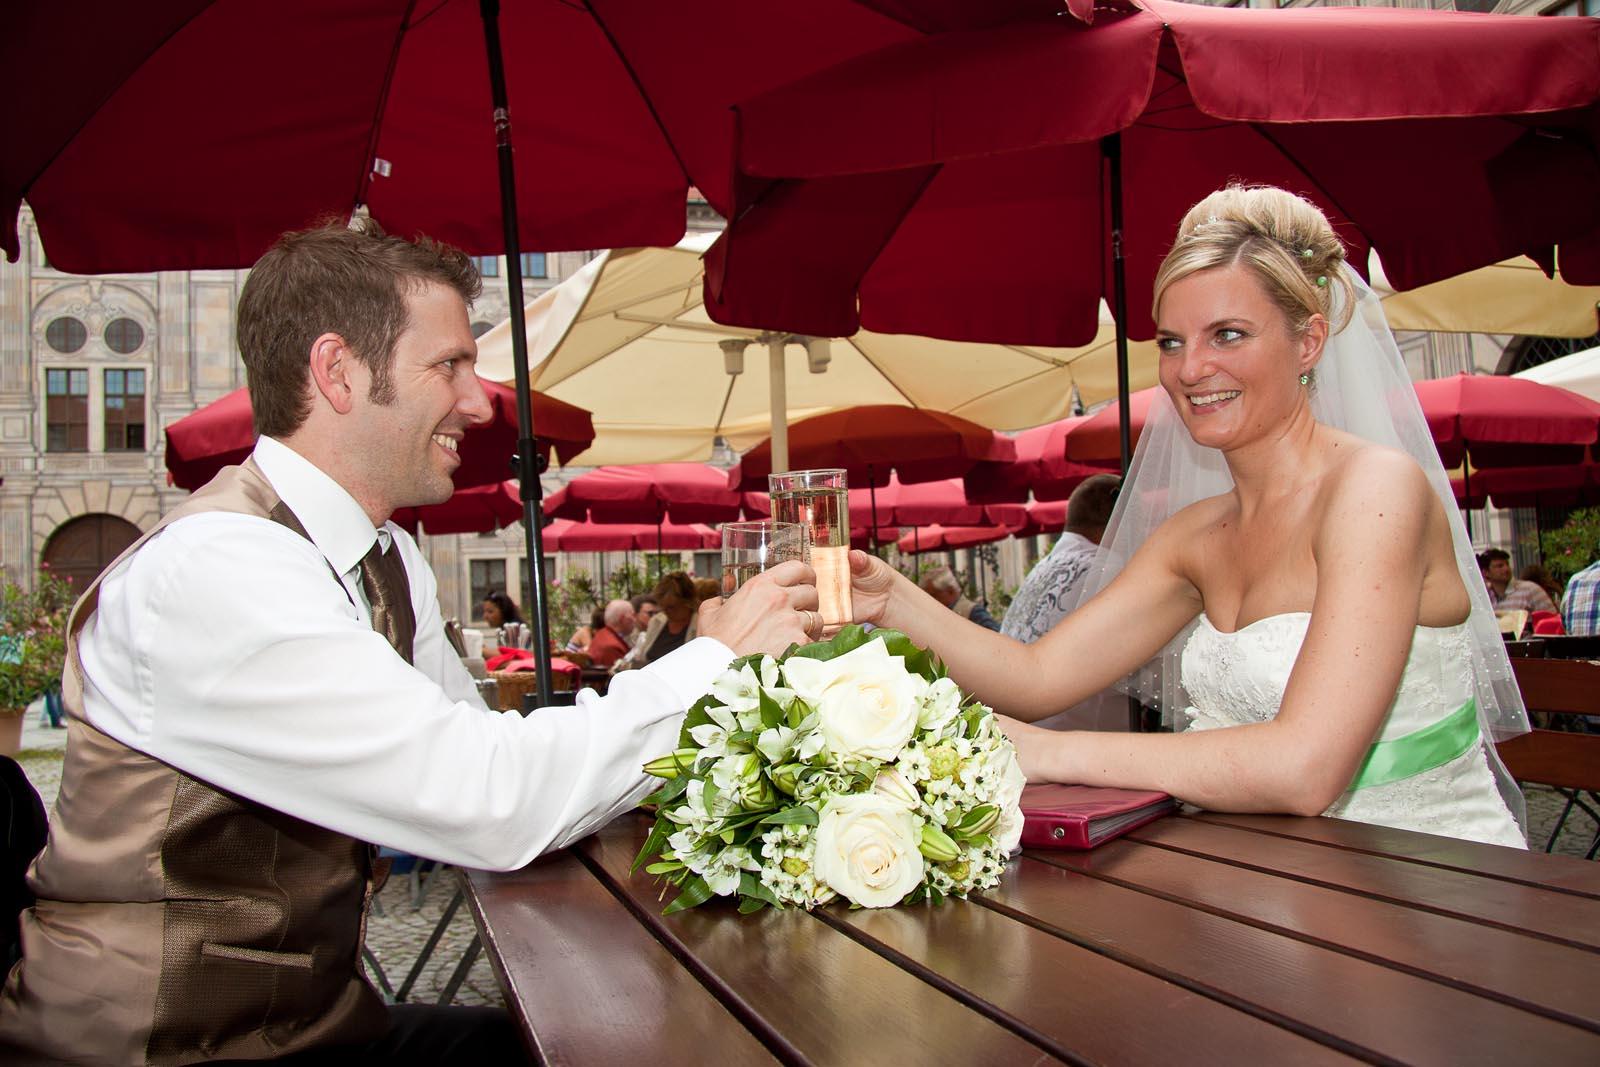 Hochzeitsportraits-Bindl-Hochzeitsportraits-Bindl-8613.jpg